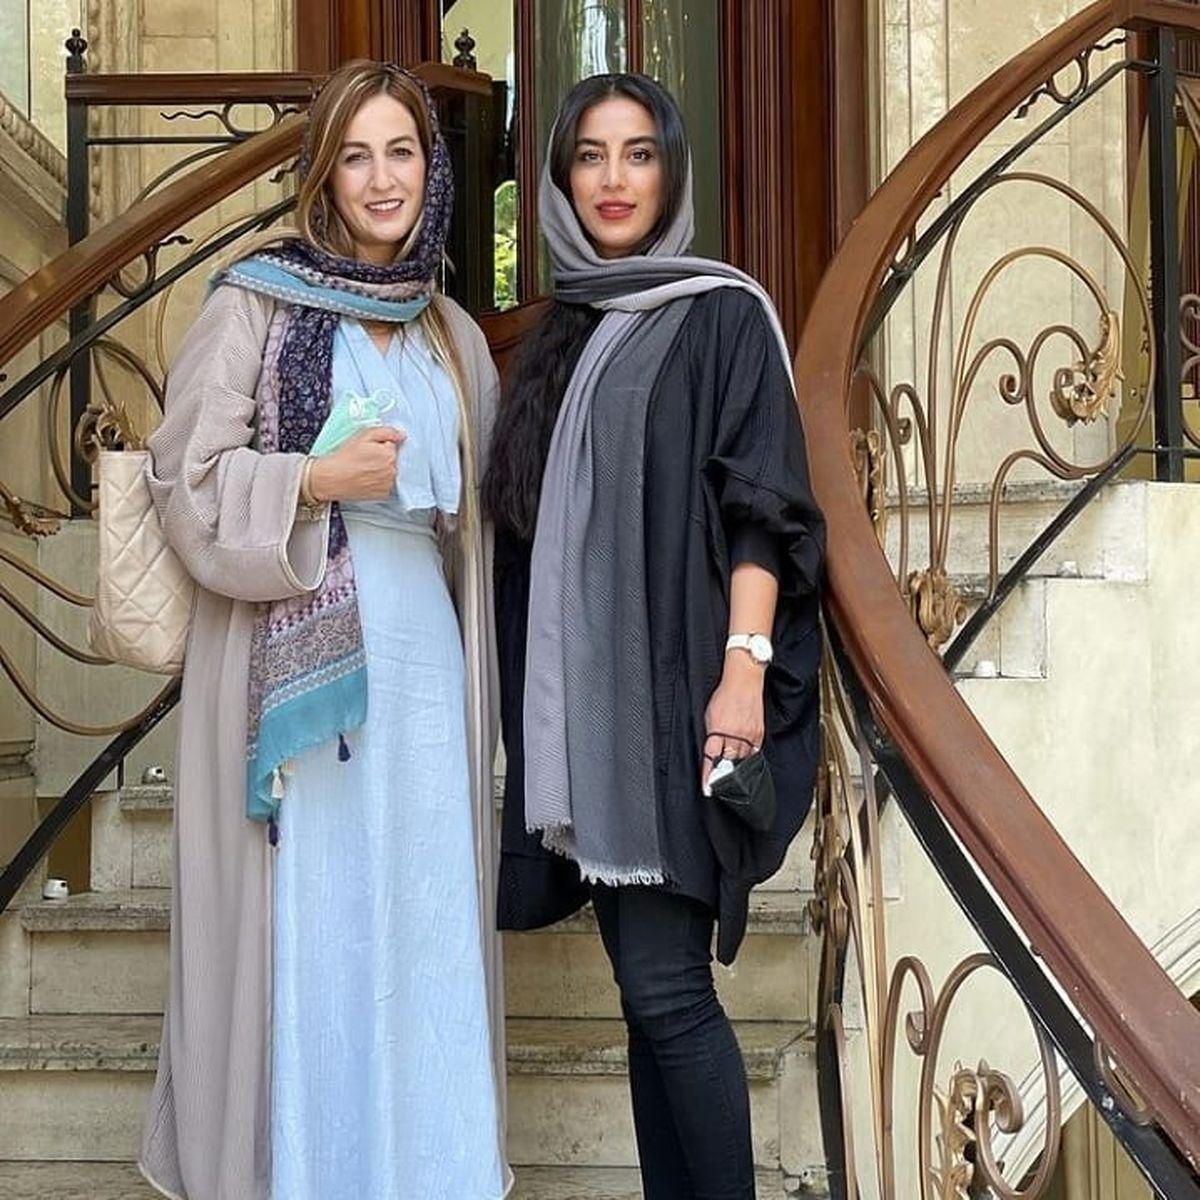 پیراهن مدل دار و یقه باز شقایق دهقان در خیابان + عکس